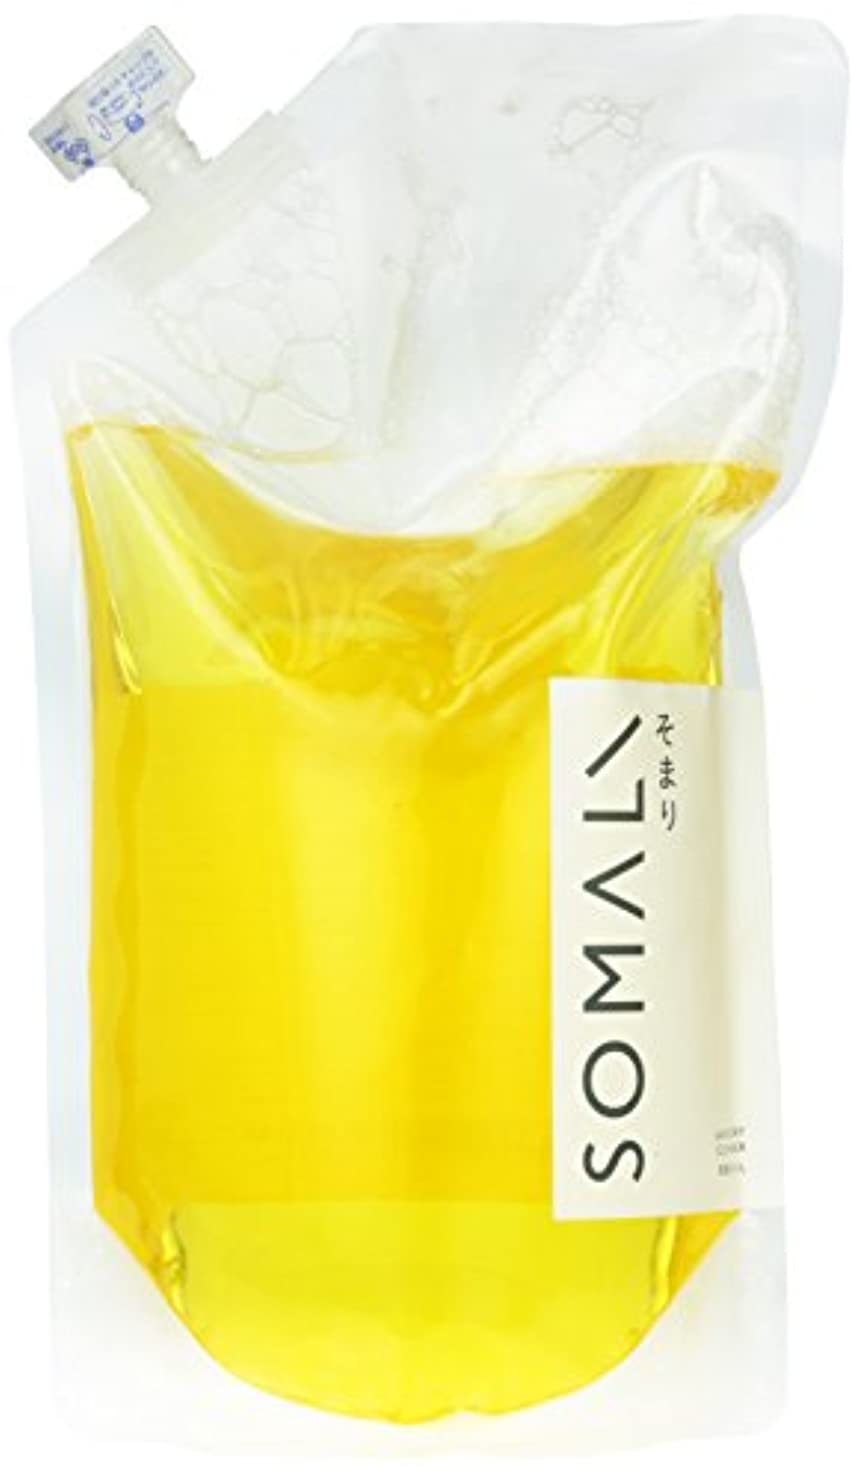 ボス工夫する味方ソマリ(SOMALI) 洗濯用液体石けん(詰替用) 1L